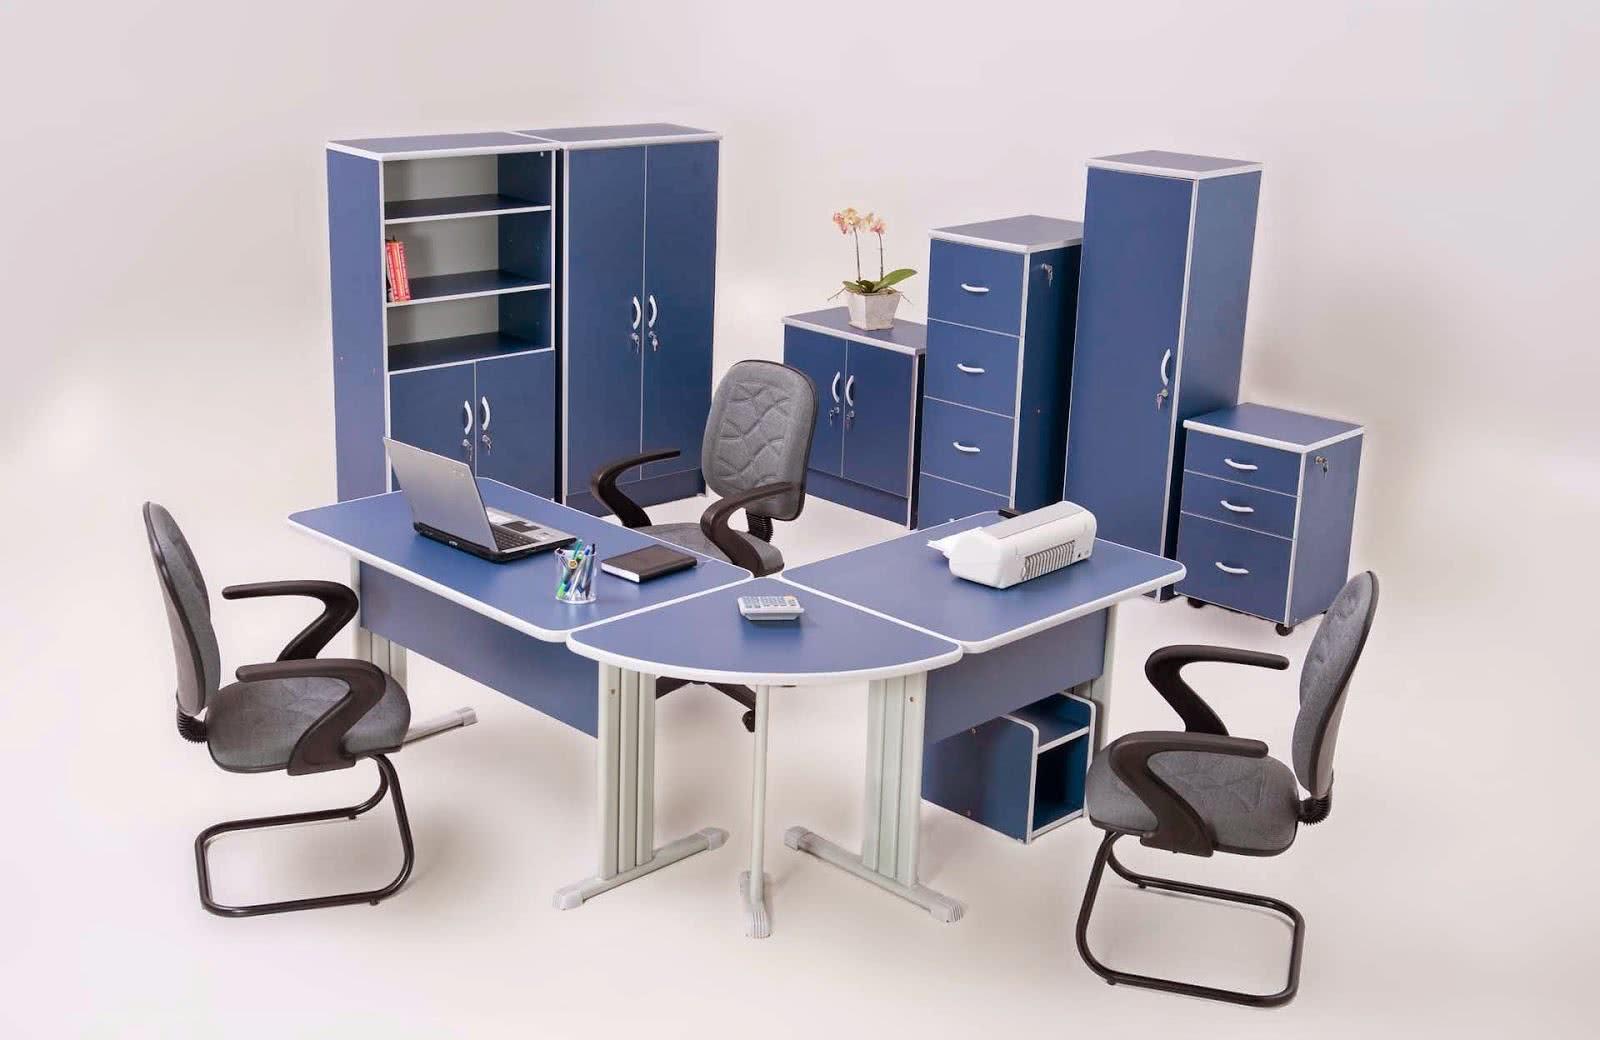 Fotos de Escritórios Modernos Escritórios Modernos #3D496C 1600x1040